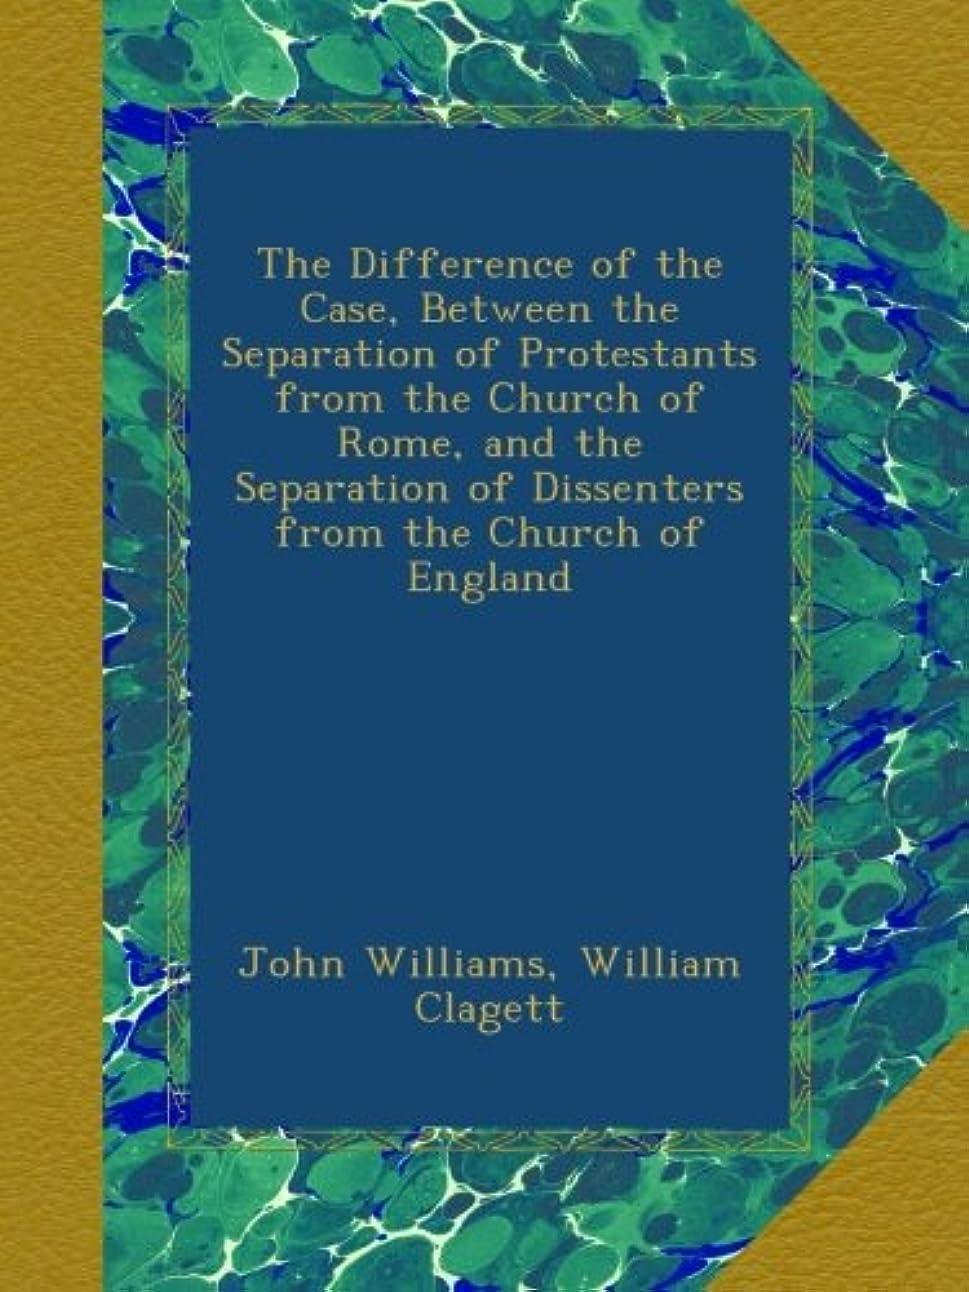 削るロケットオセアニアThe Difference of the Case, Between the Separation of Protestants from the Church of Rome, and the Separation of Dissenters from the Church of England